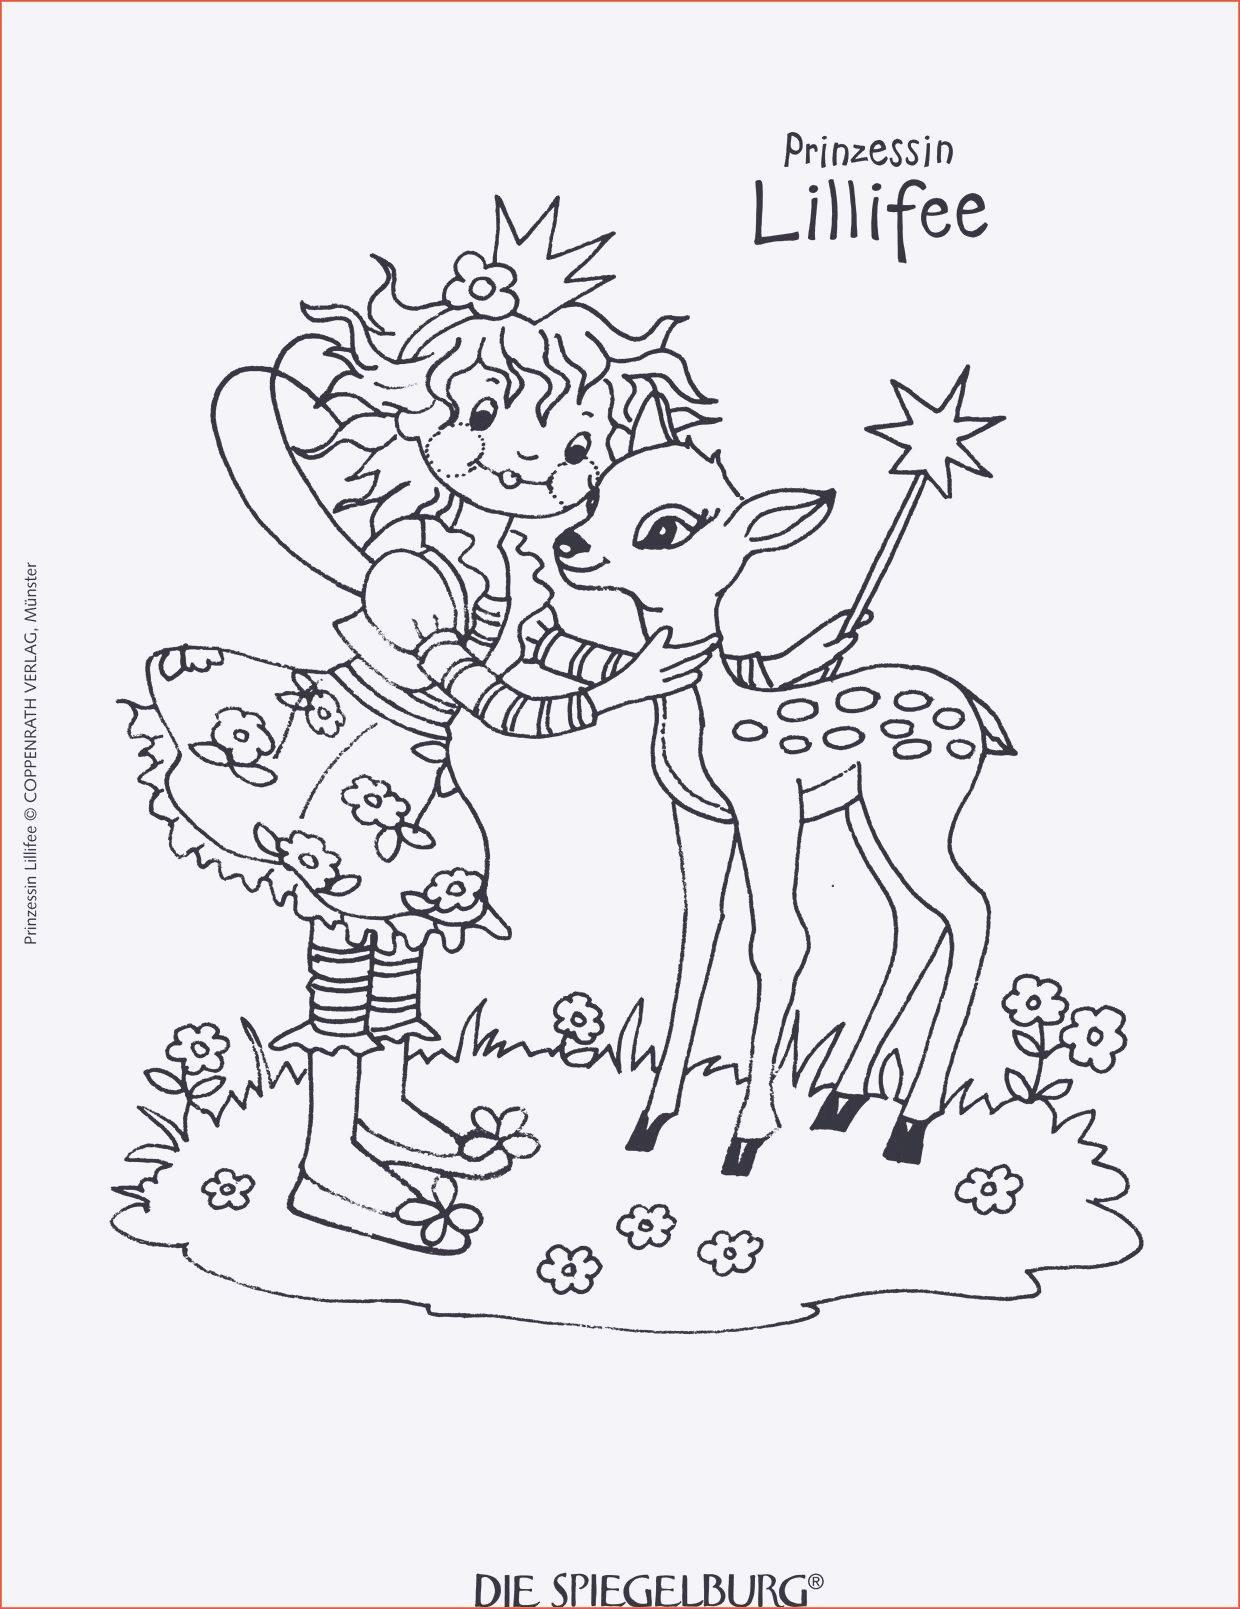 Malvorlage Eule Auf ast Das Beste Von Malvorlagen Gratis Prinzessin Disney Frisch Bambi Malvorlagen Bild